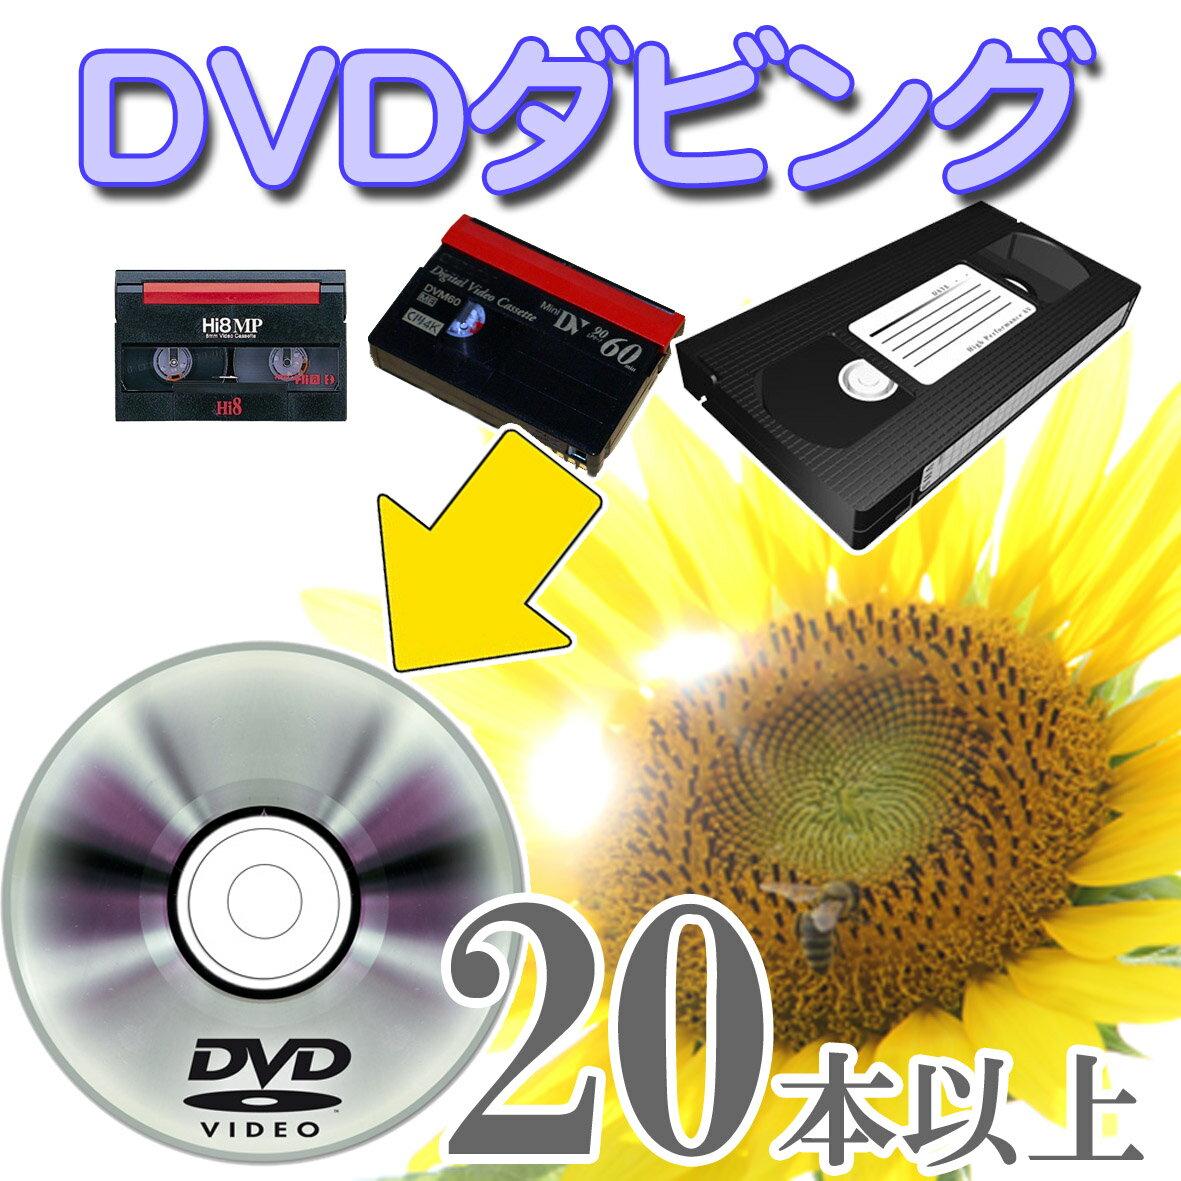 20本以上ご注文の方はこちら DVD ダビング ( dvd ダビング ダビングサービス )【 ビデオ ダビング 】 思い出を形に 【VHS】【Hi8】【MiniDV】DVDダビング/コピー